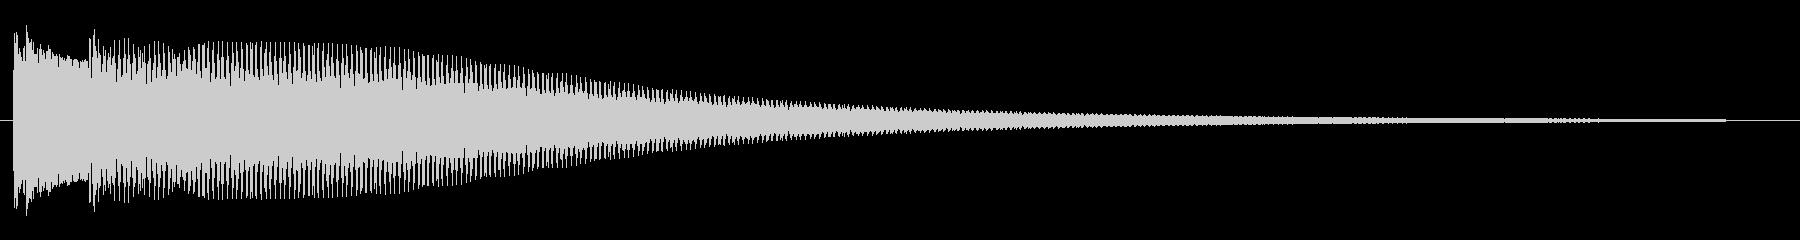 キラン系(チャラン)の未再生の波形